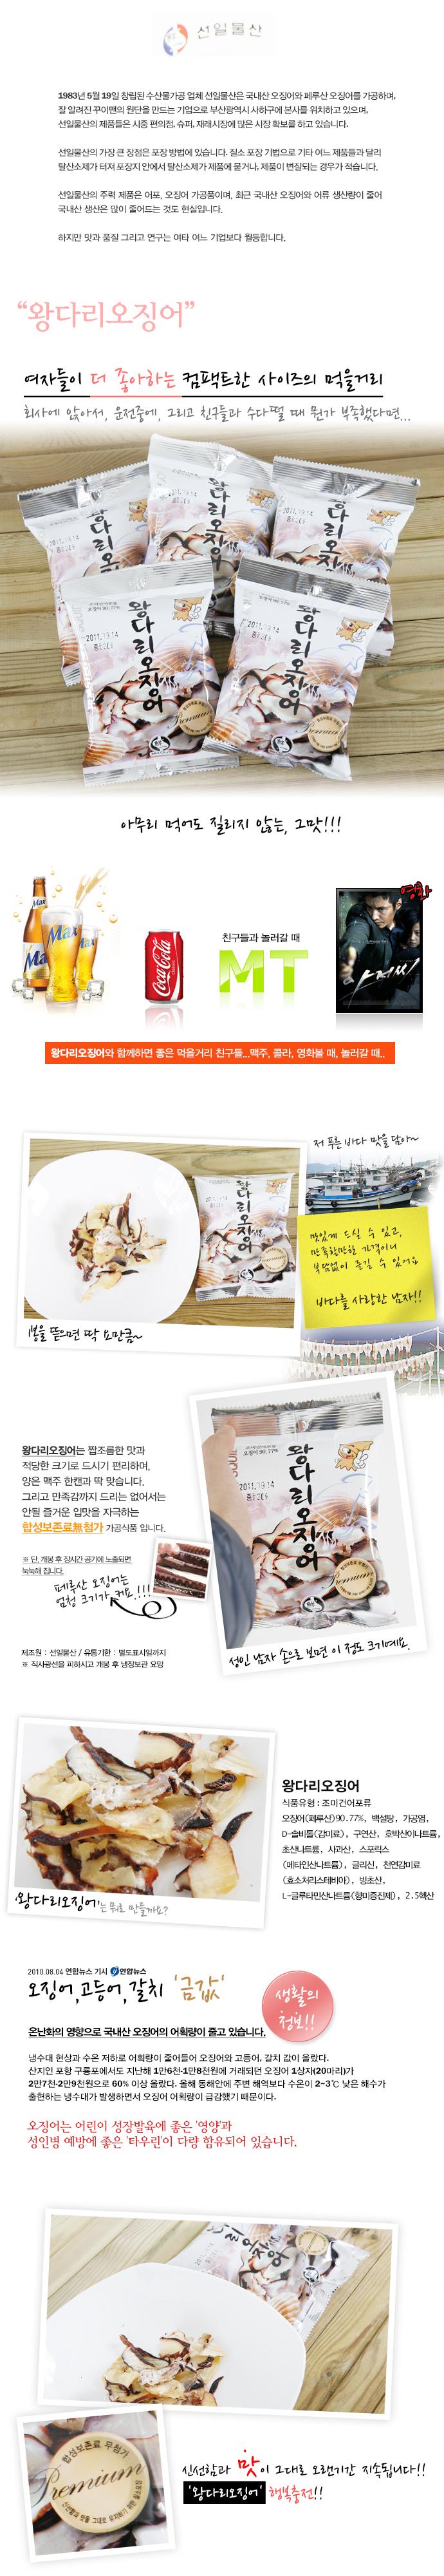 왕다리오징어 24g X 30봉 - 선일물산, 46,500원, 간식, 기타 간식